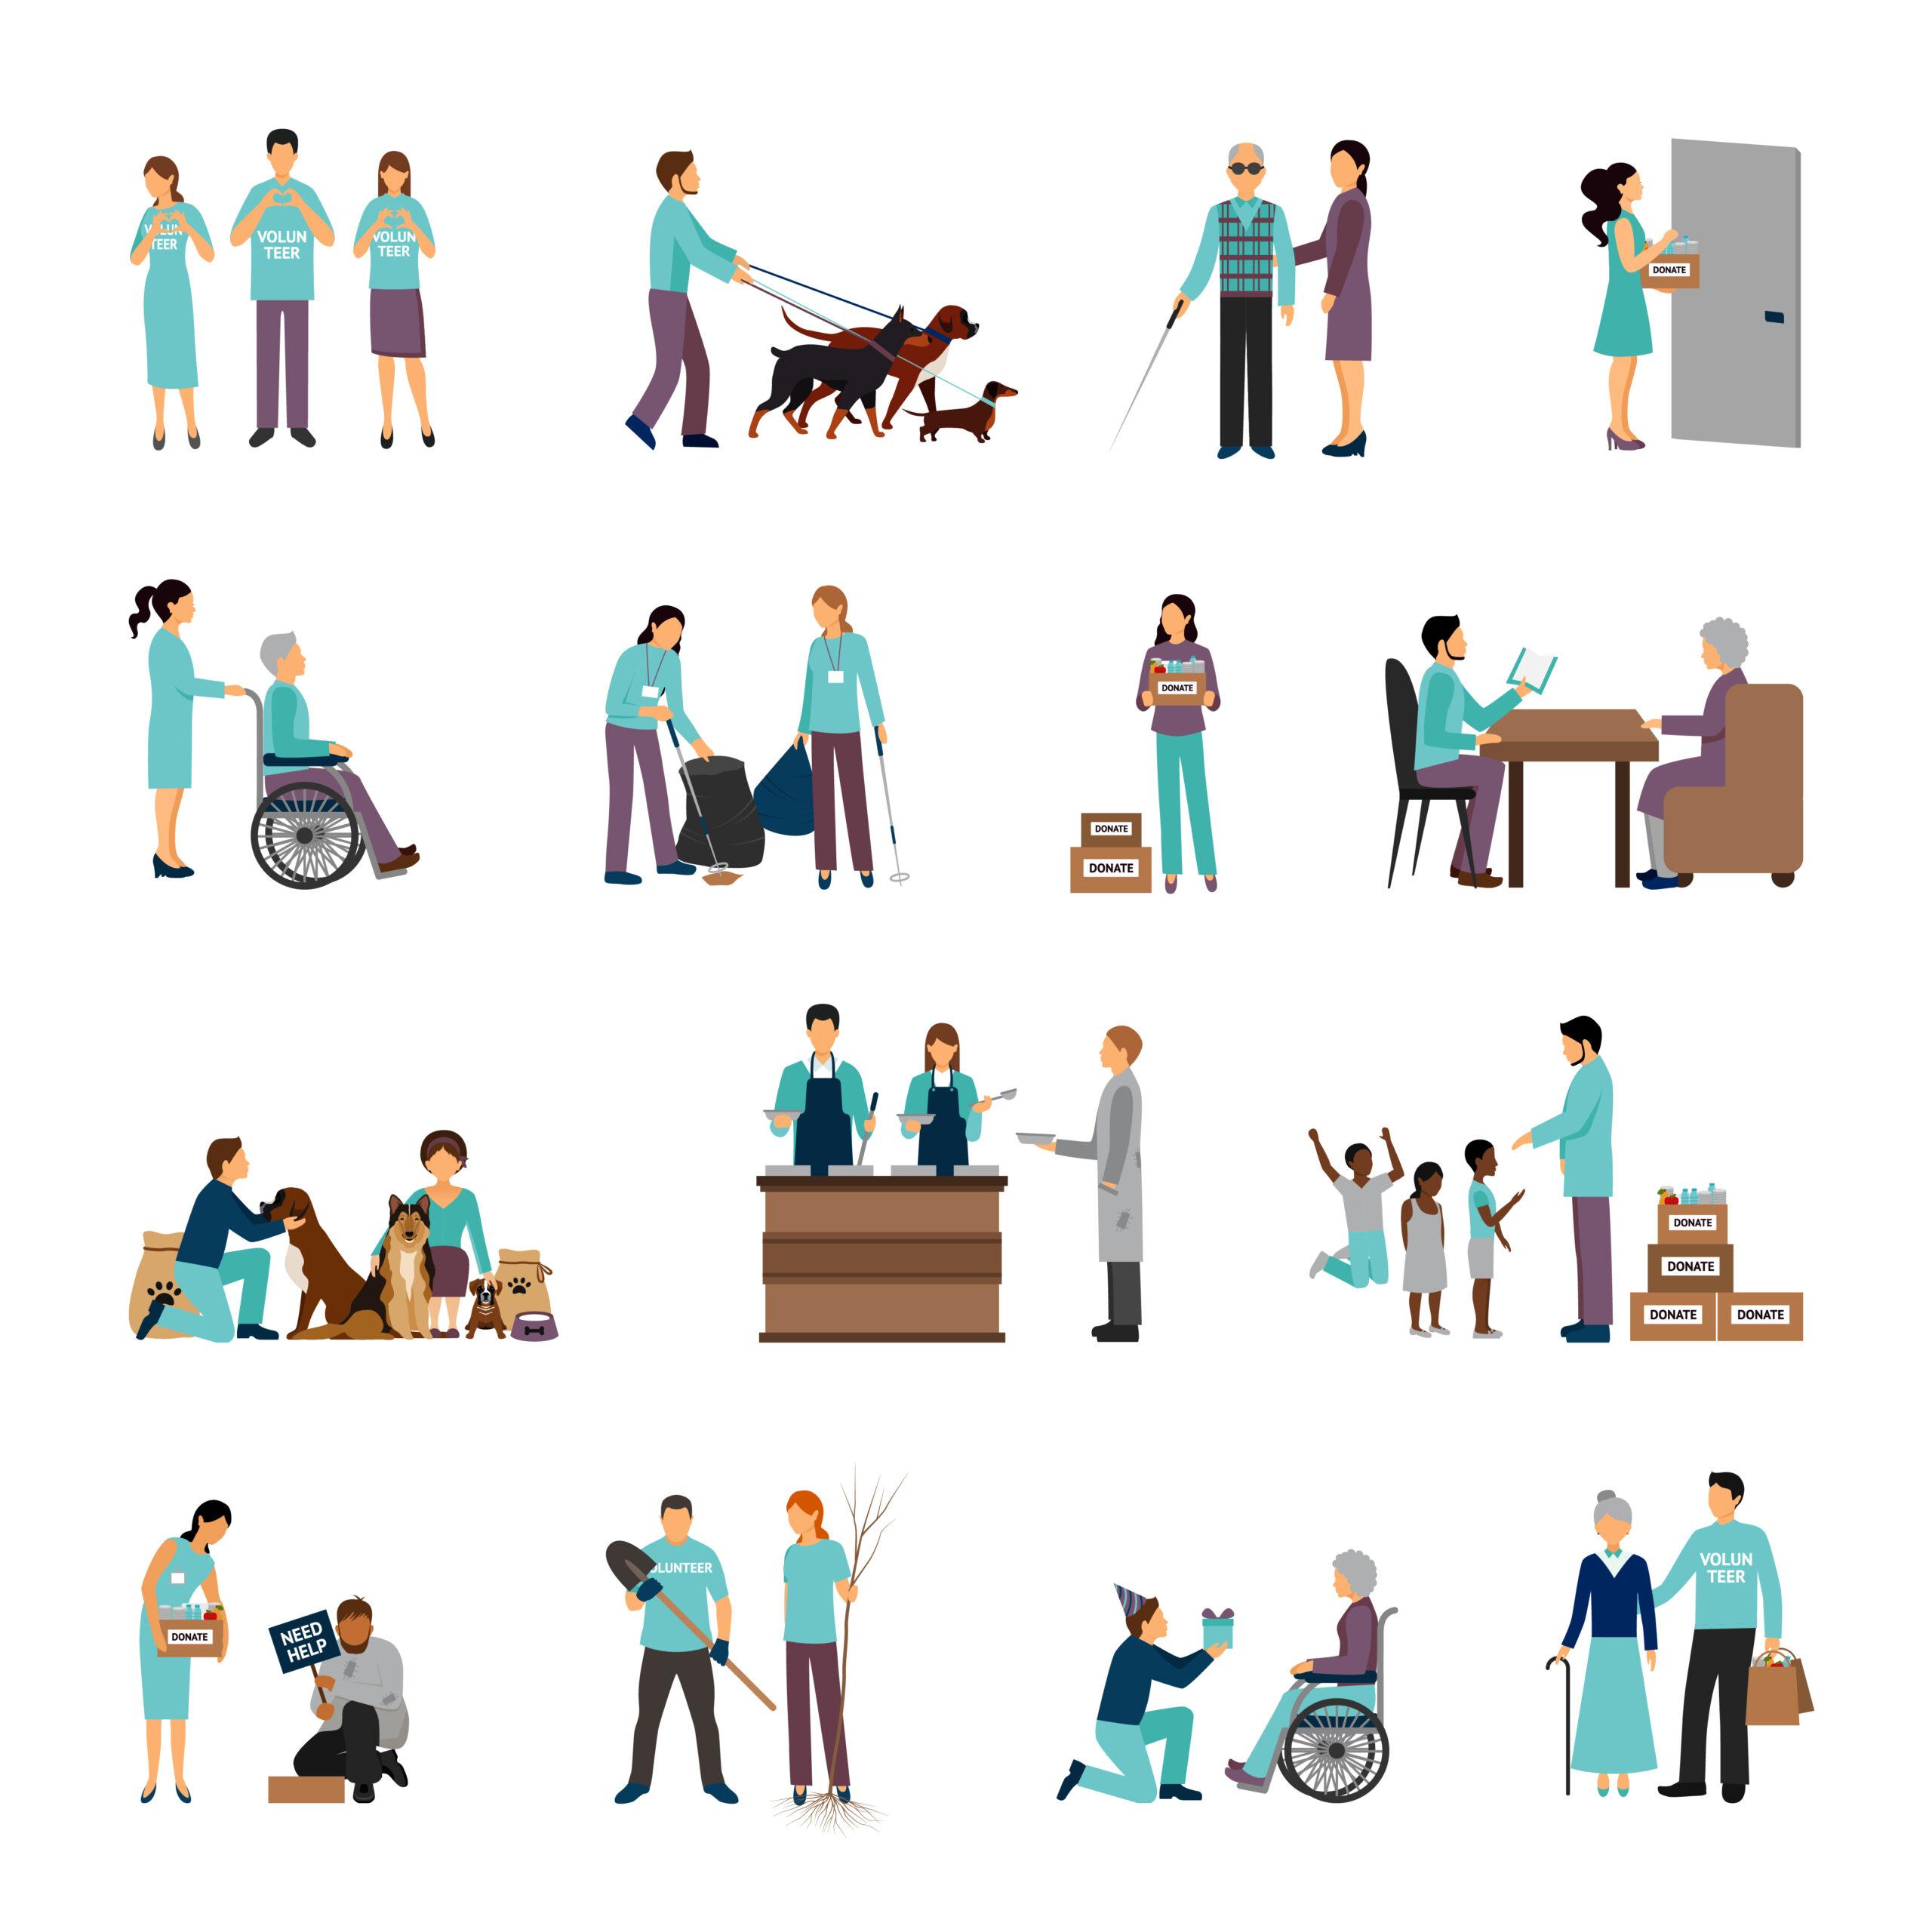 Jak a kdy může pomoci sociální pracovník na obci?